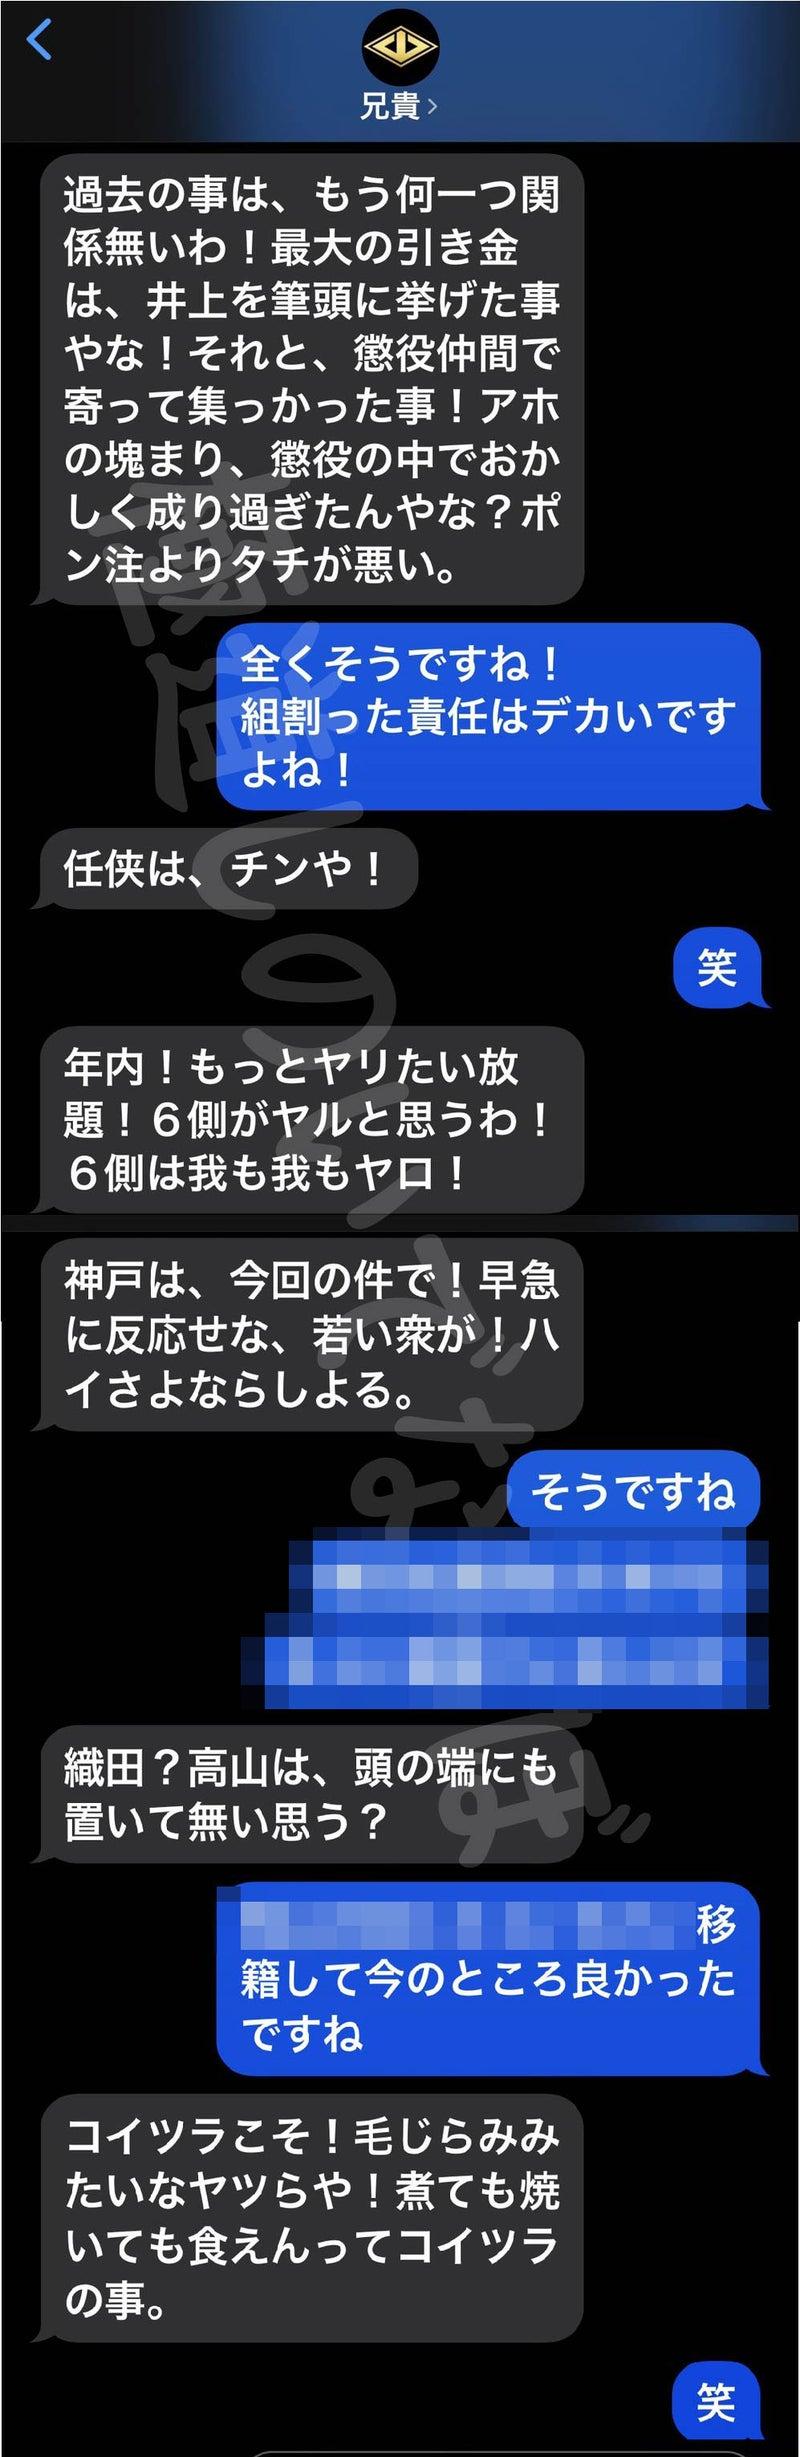 古川 神戸 組 山口組